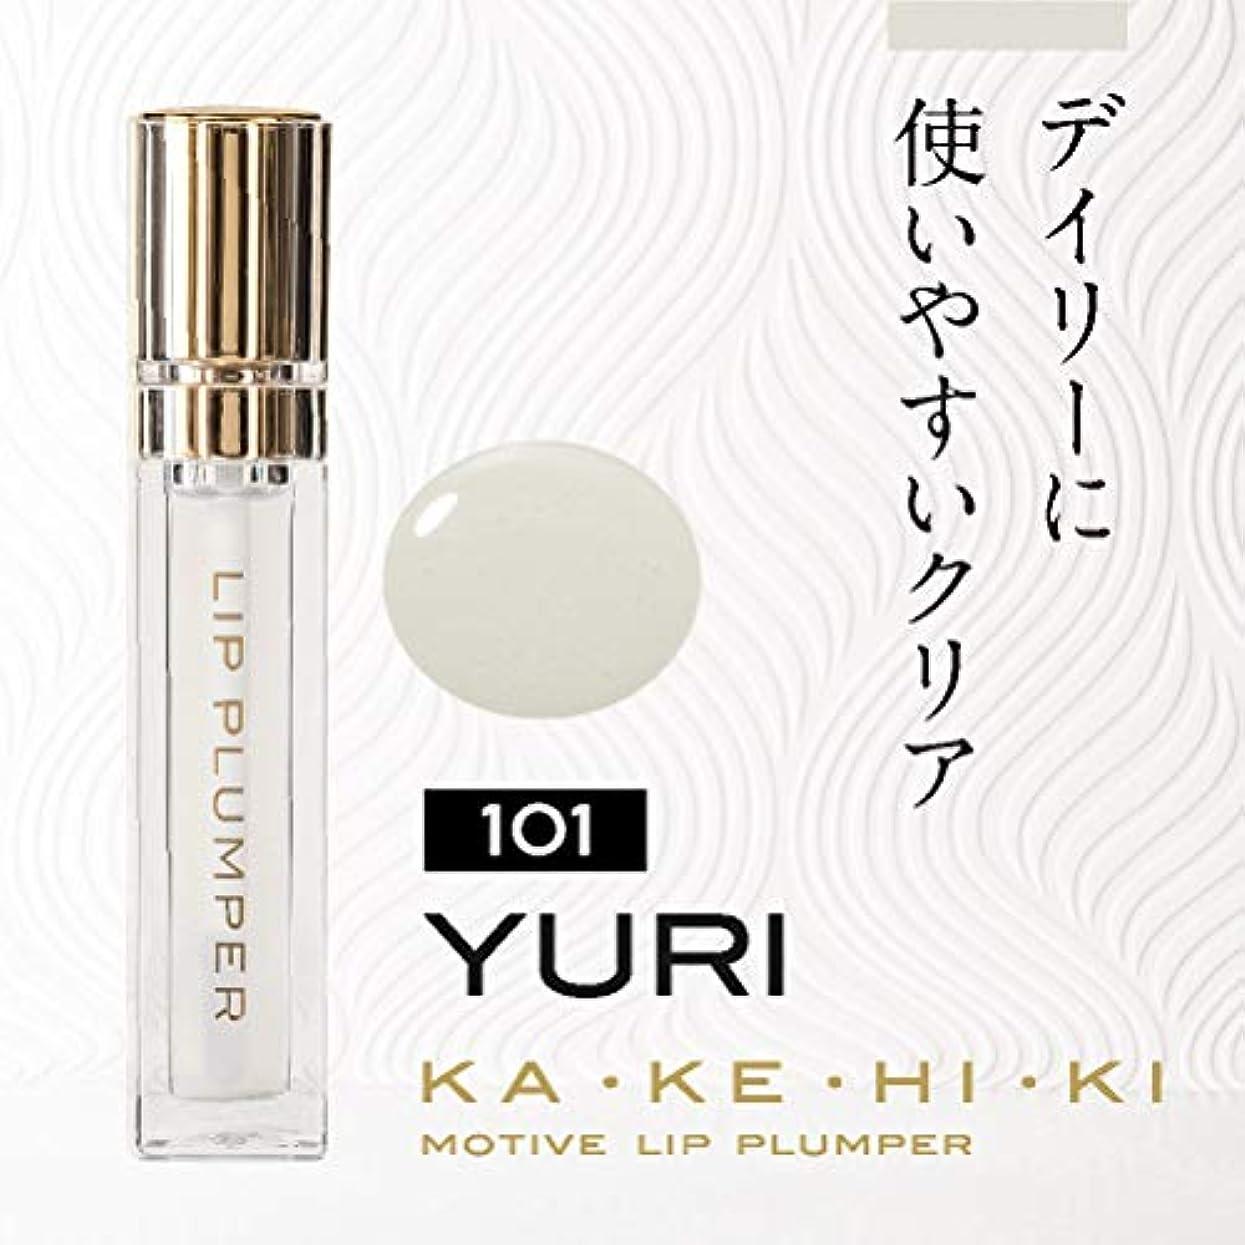 テクトニック周辺再生リッププランパー KAKEHIKI (101 YURI クリア)